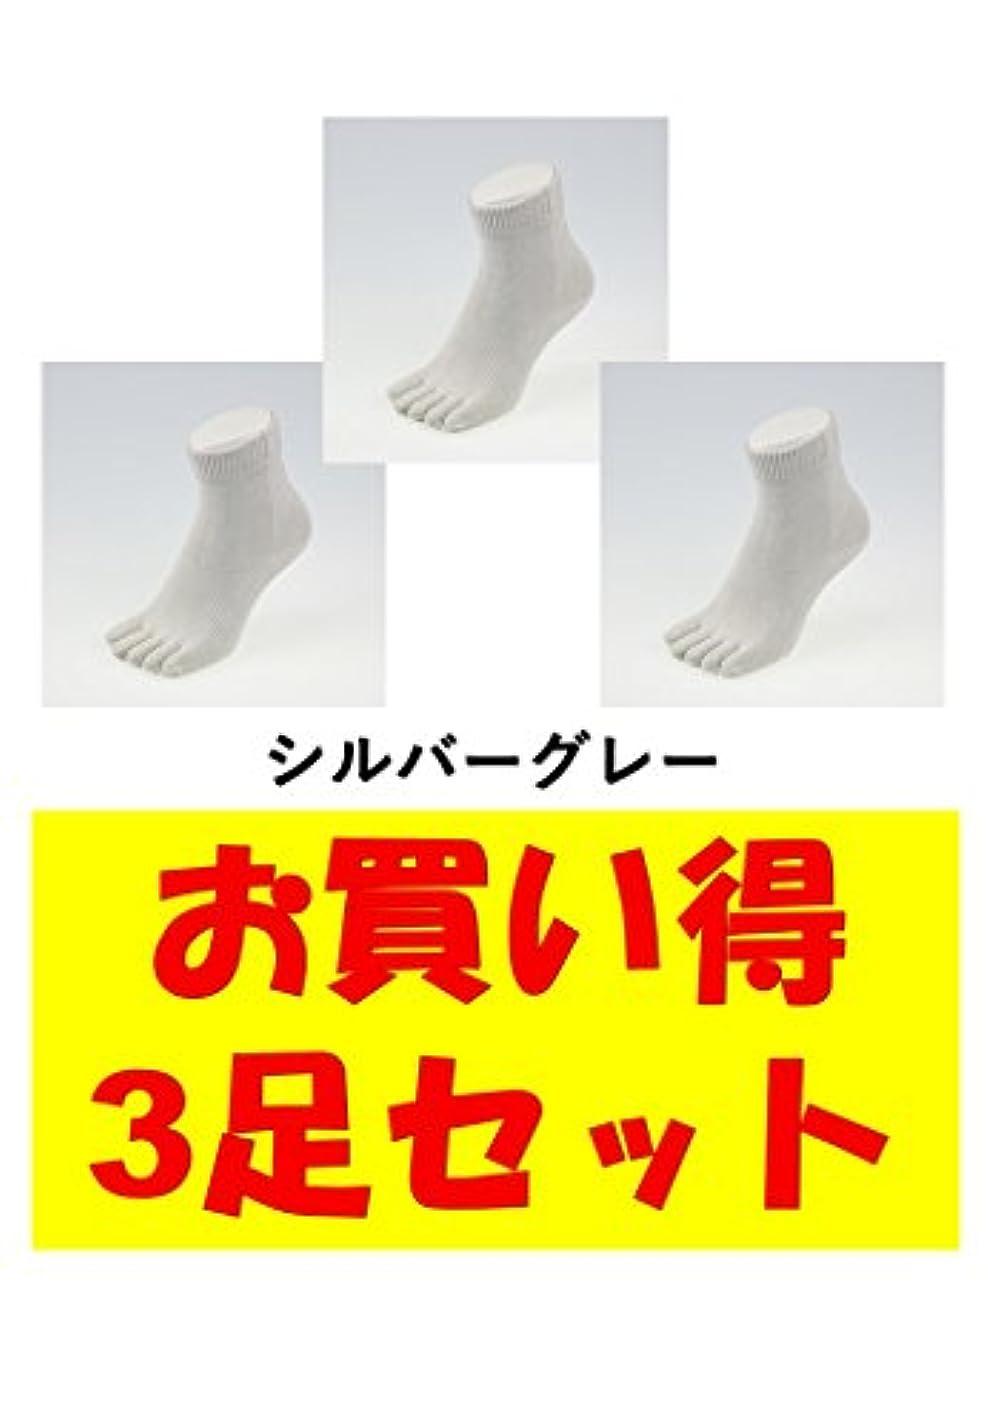 供給ゆでる優越お買い得3足セット 5本指 ゆびのばソックス Neo EVE(イヴ) シルバーグレー iサイズ(23.5cm - 25.5cm) YSNEVE-SGL